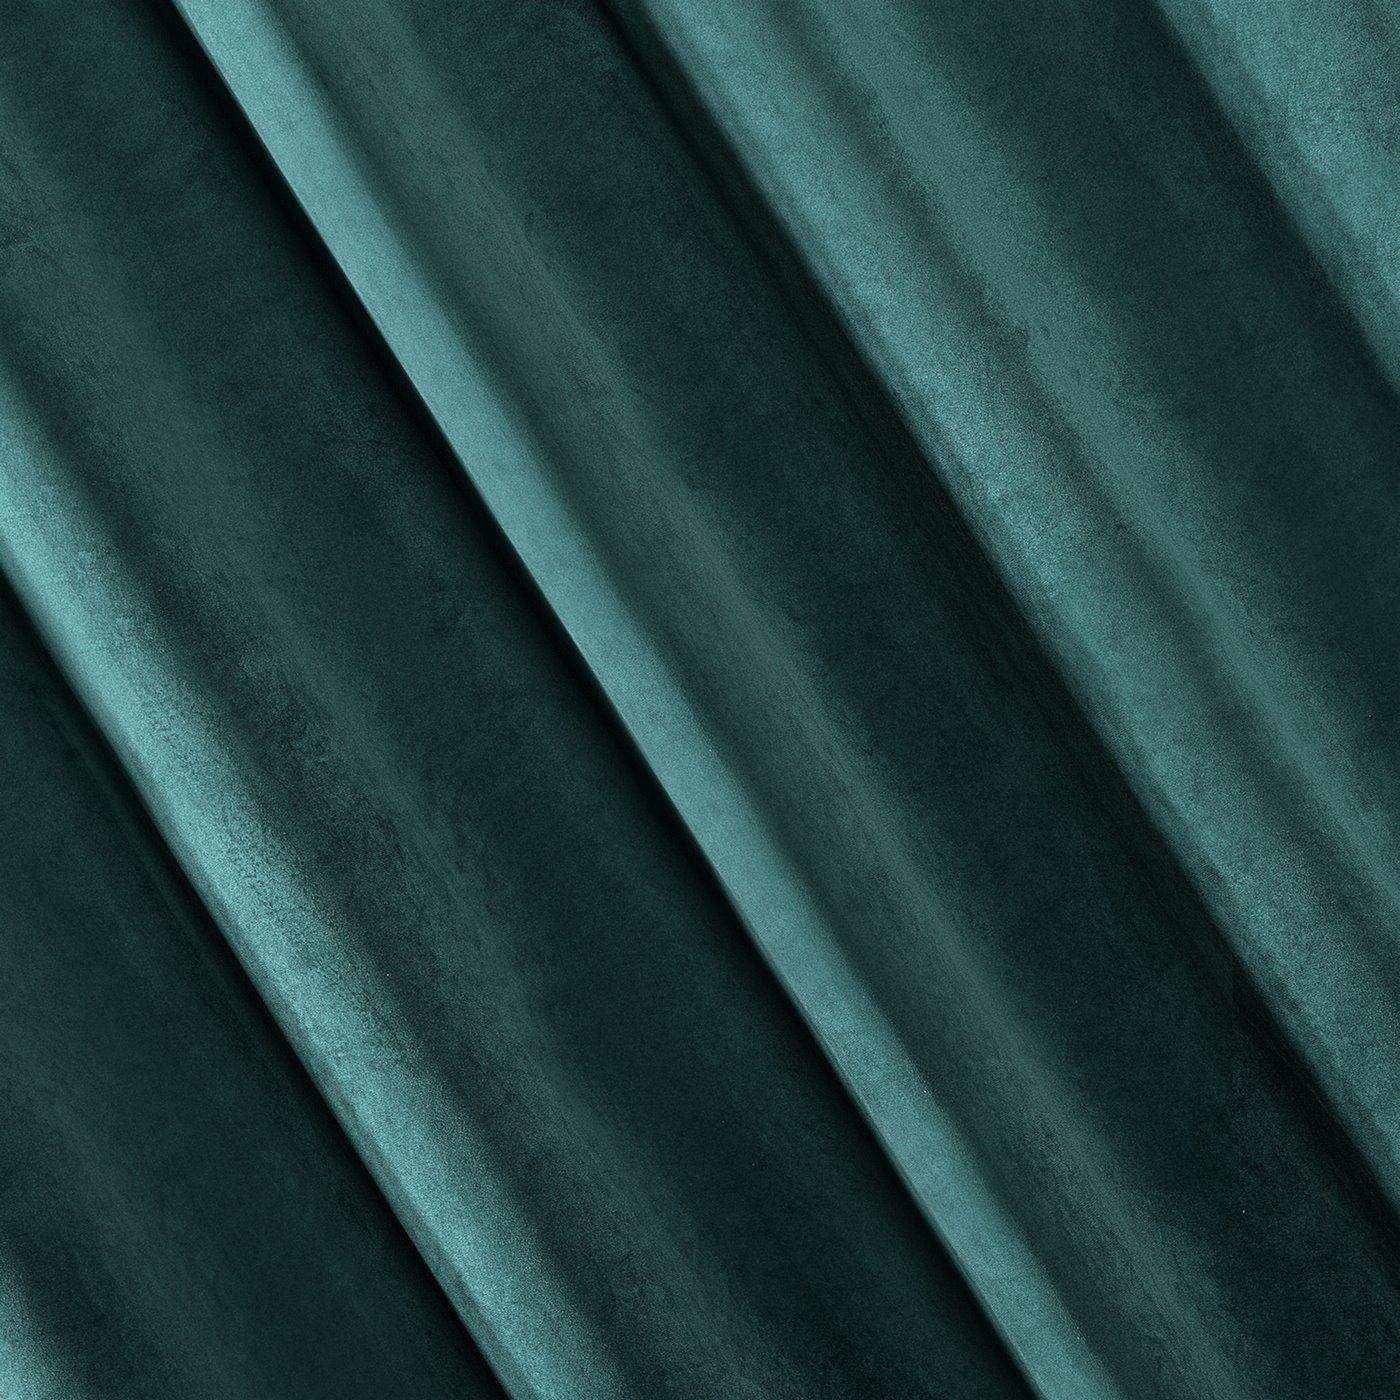 Zasłona welwetowa ciemnoturkusowa 140x250 - 10 przelotek